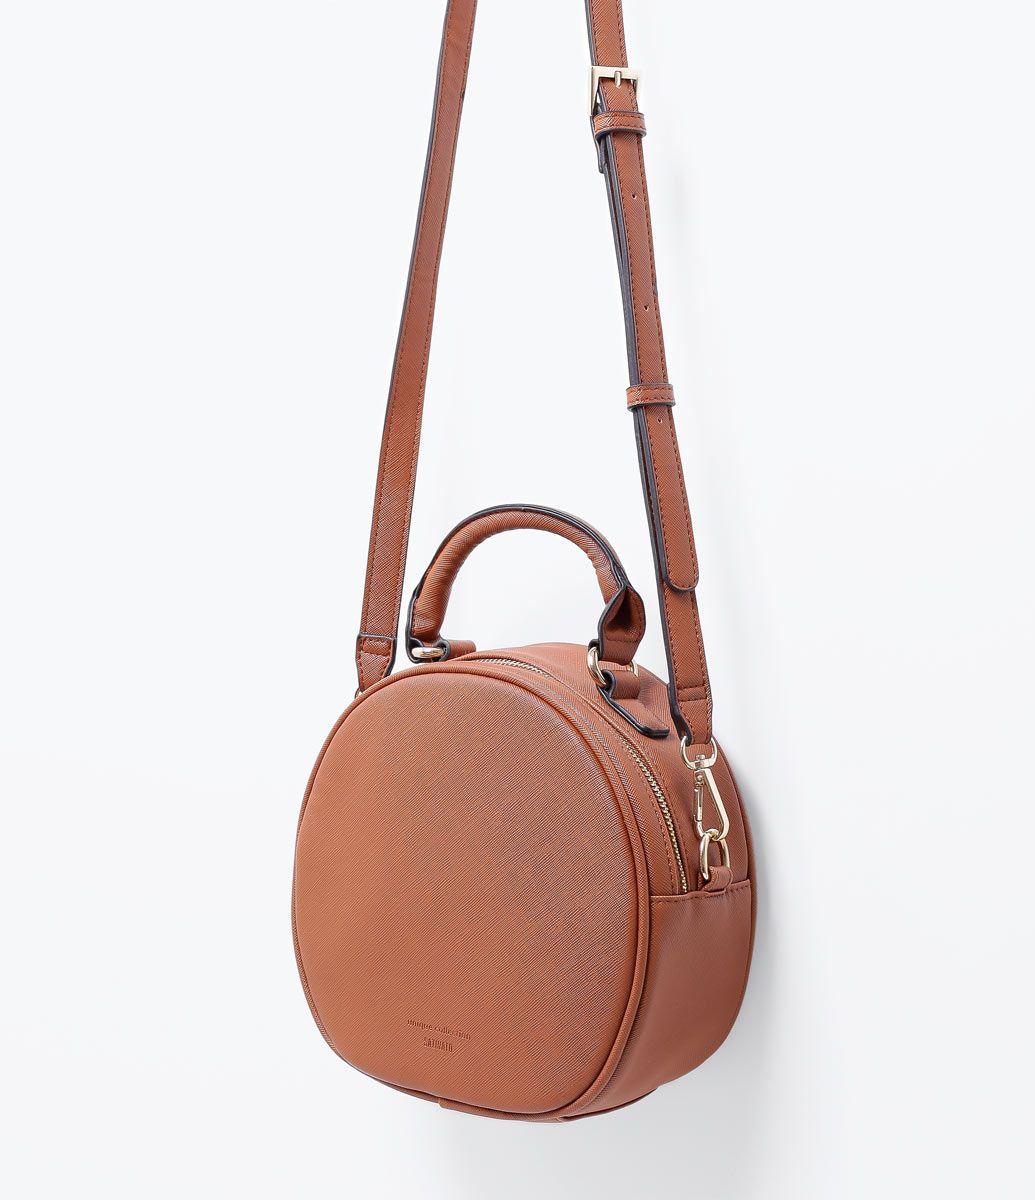 7da4311f2 Bolsa feminina Modelo transversal Redonda Lisa Marca: Satinato Material:  sintético Composição: 100%